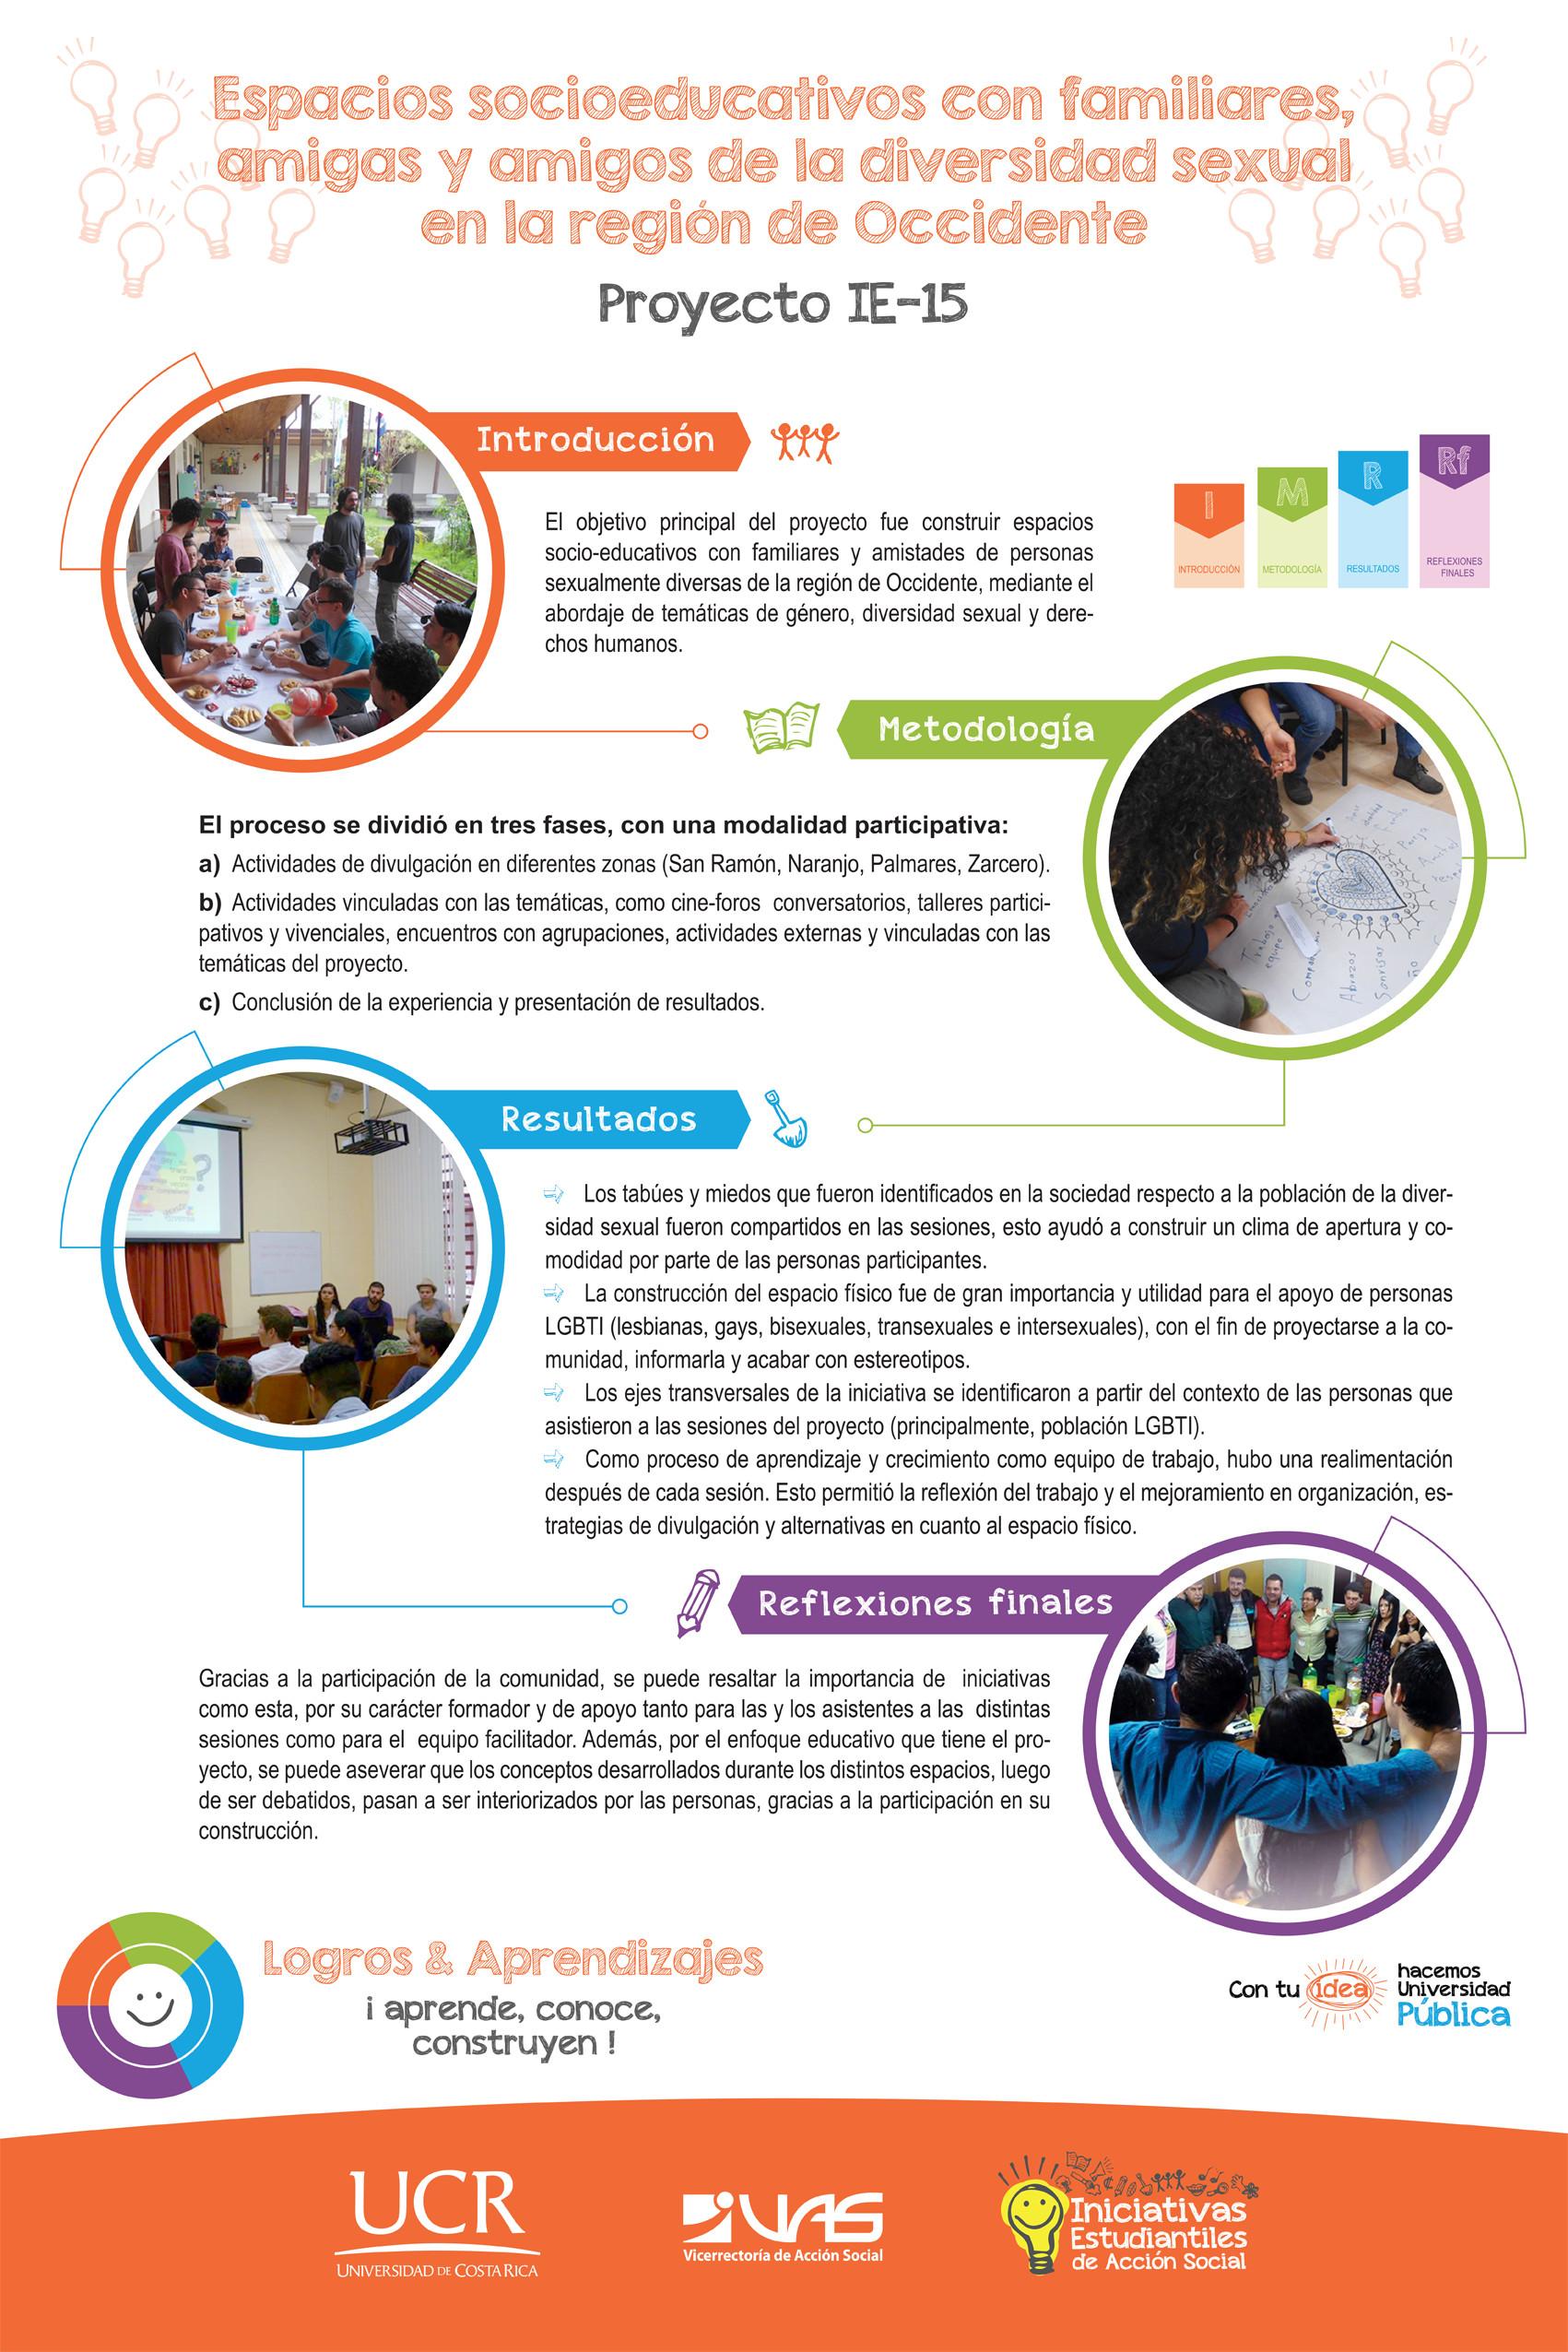 Espacio socioeducativo para familiares, amigas y amigos de la diversidad sexual en la región Occidente.  IE-15.